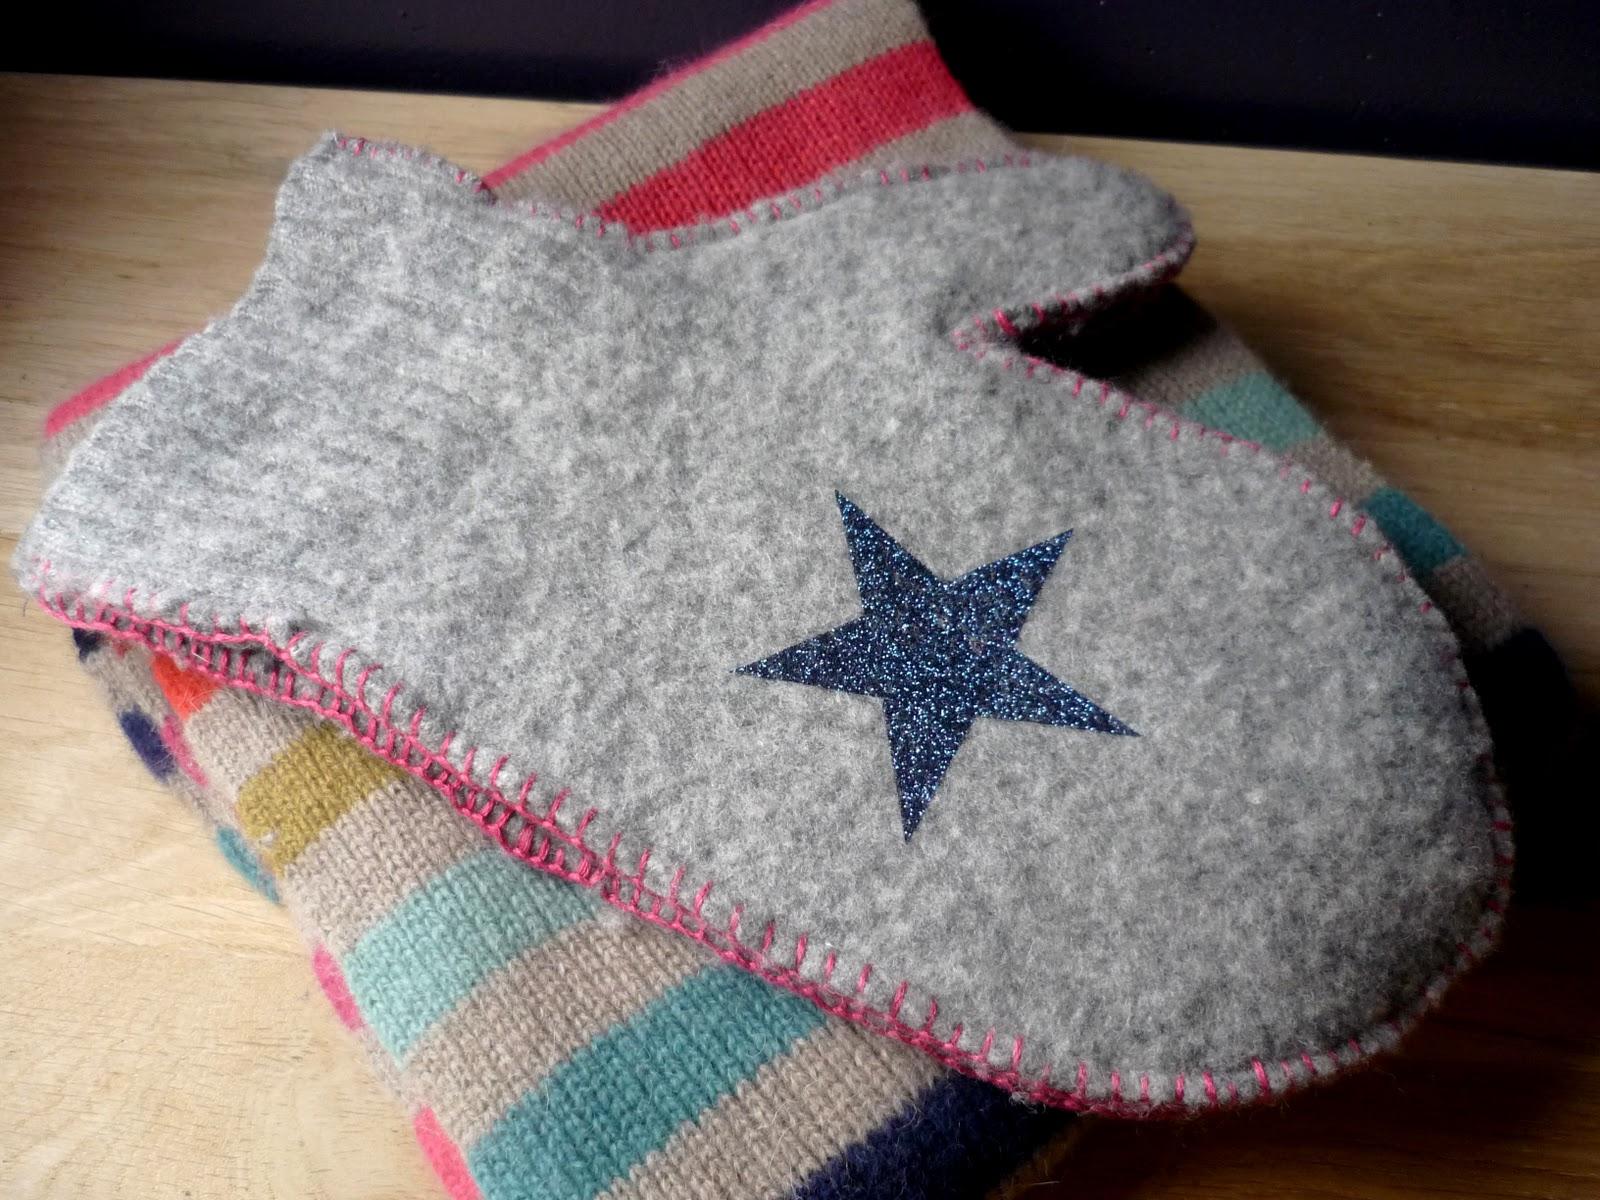 douceurs et couleurs des moufles en laine feutr e. Black Bedroom Furniture Sets. Home Design Ideas